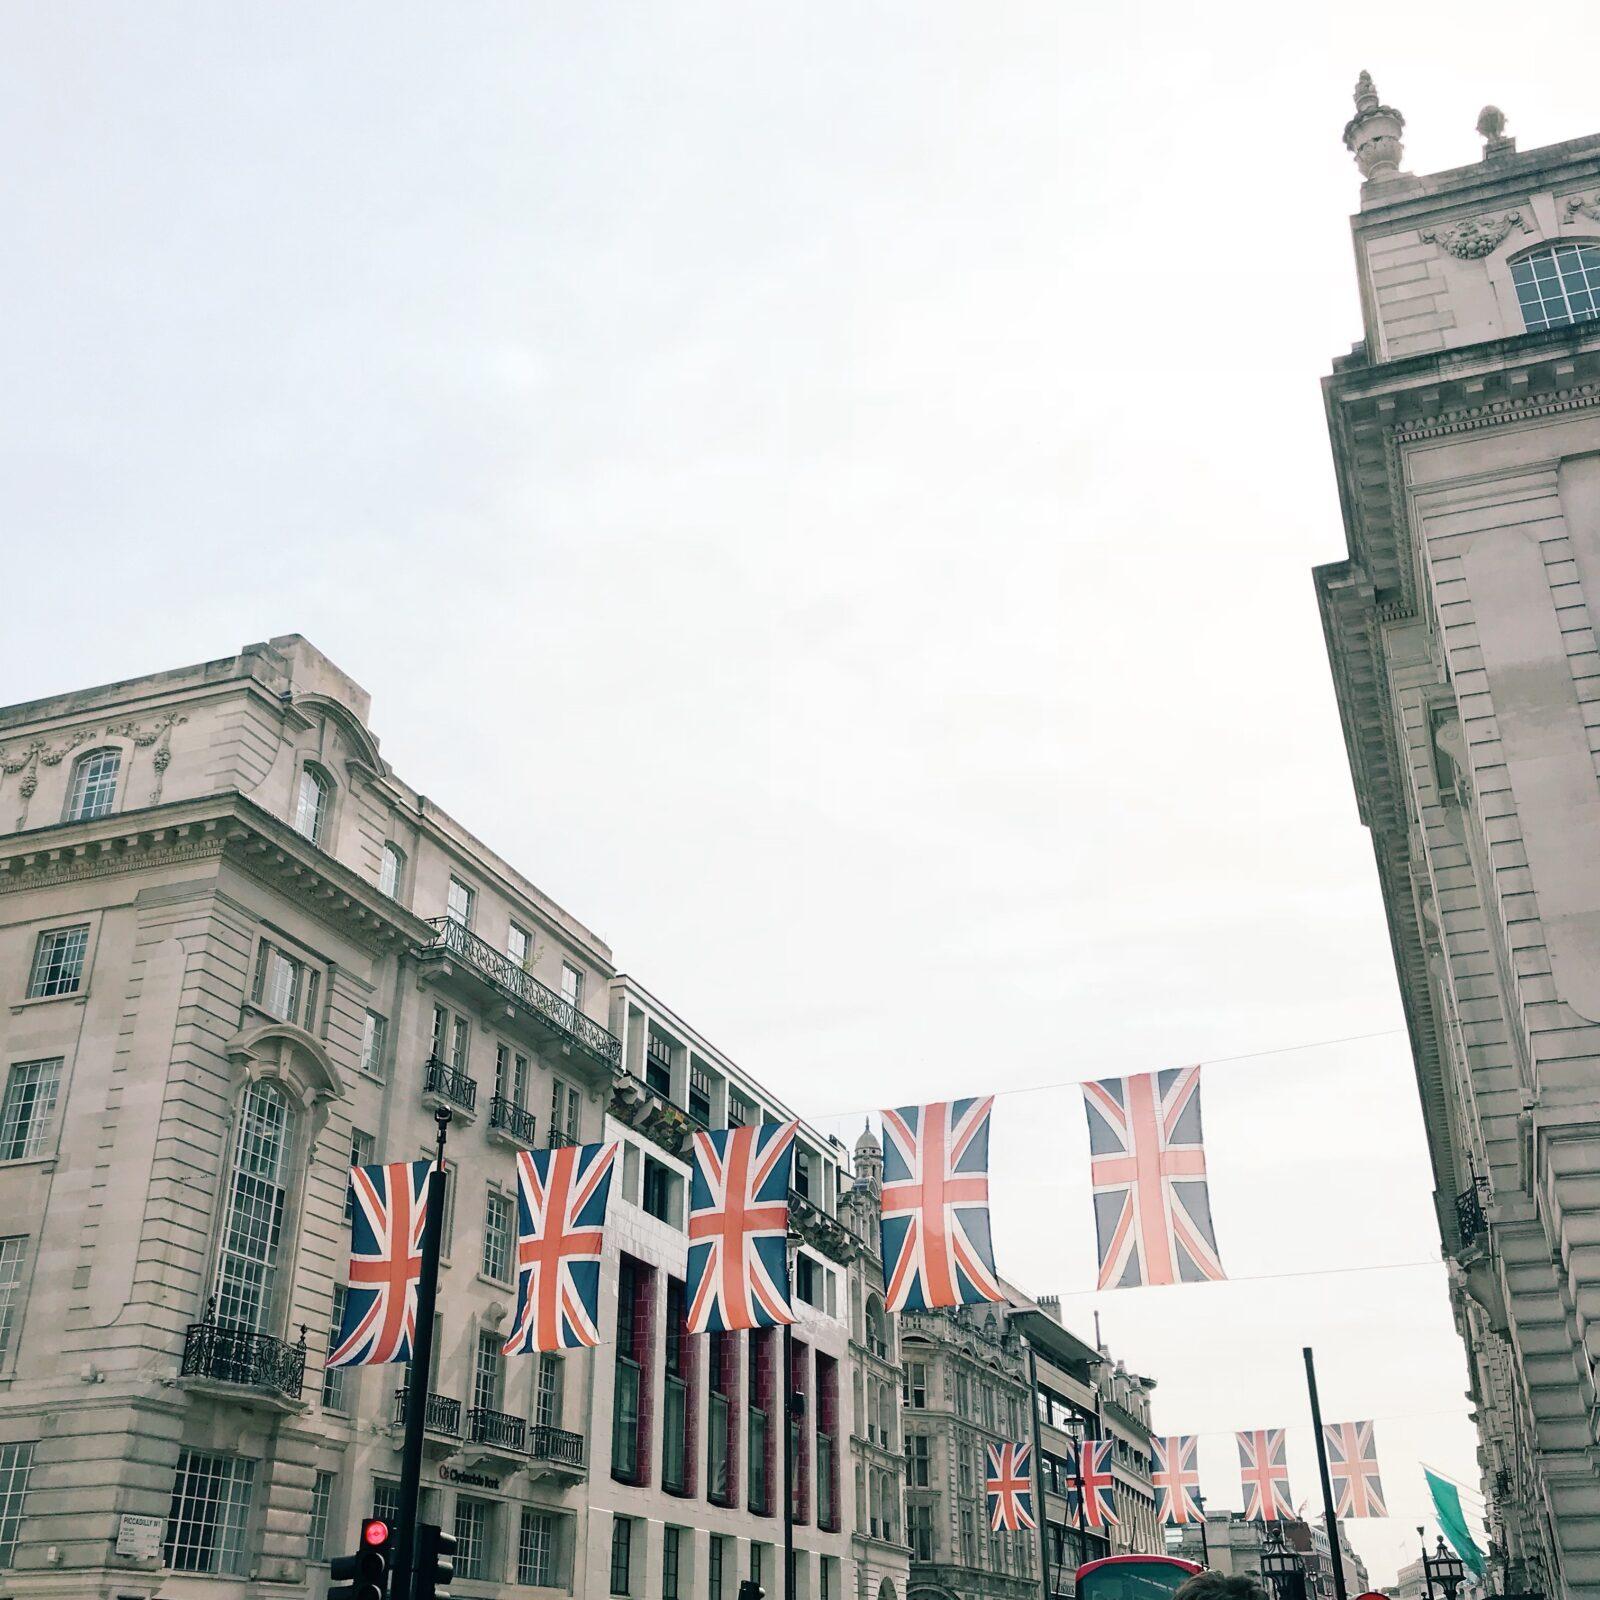 regent street union jack flags edit seven london city guide 2018